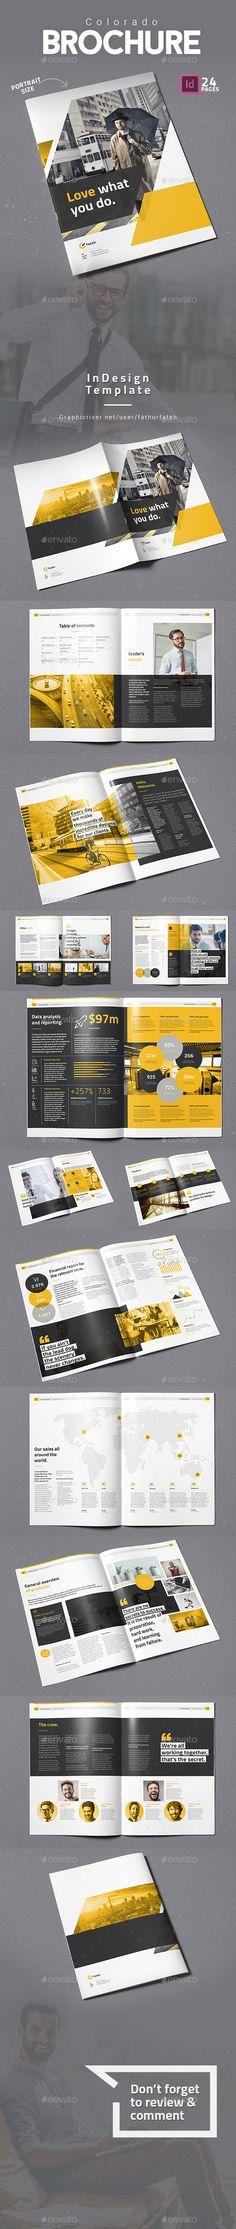 Colorado Brochure - Corporate Brochures